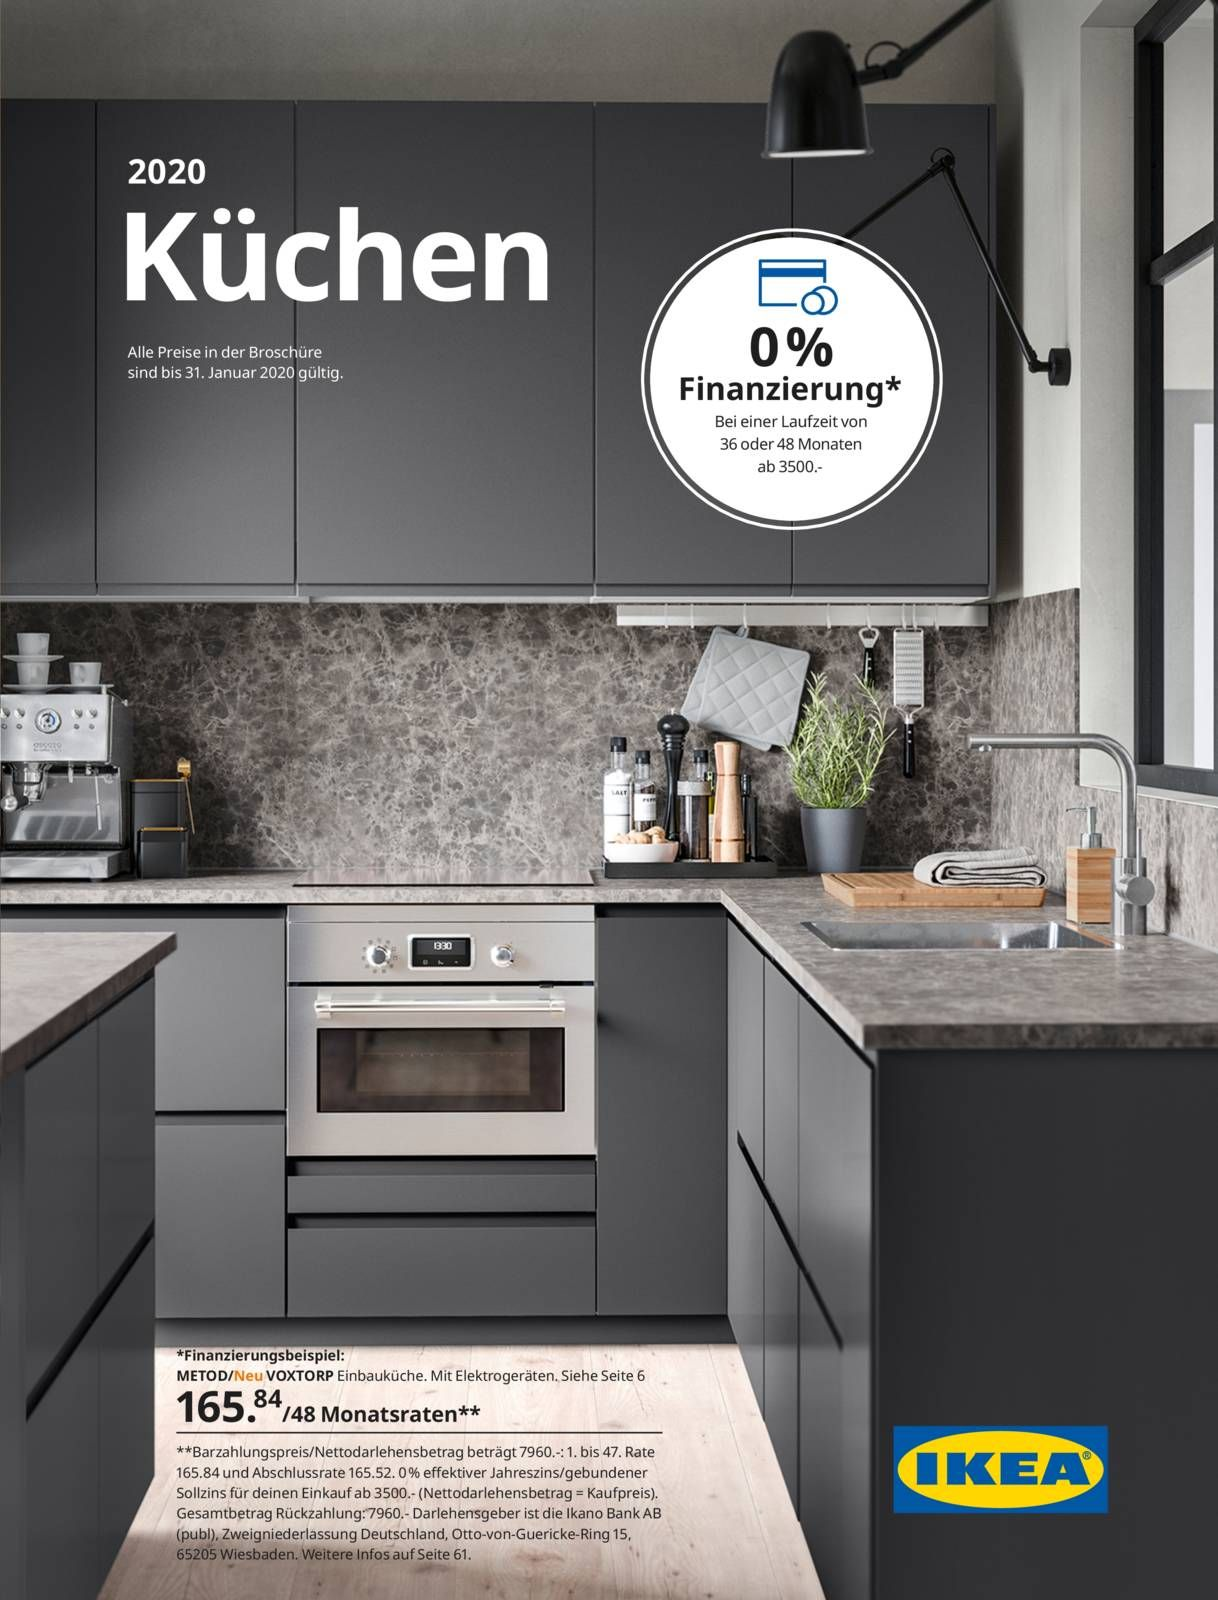 Küchen 19 - Küchen 19 in 19  Ikea, Küchenmöbel, Küchen möbel